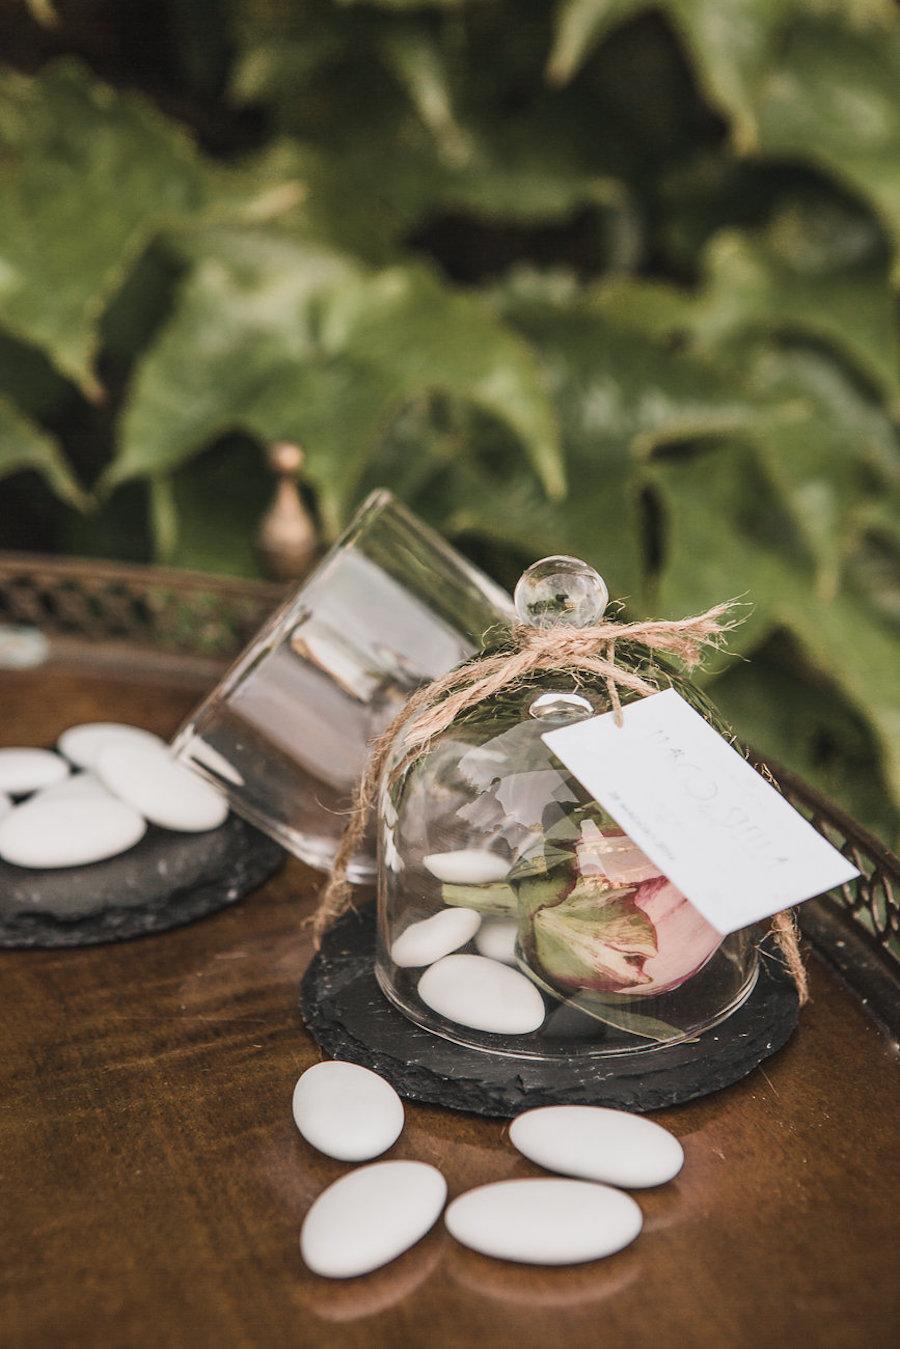 matrimonio-rose-quartz-e-serenity-di-luce-e-dombra-studio-fotografico-06